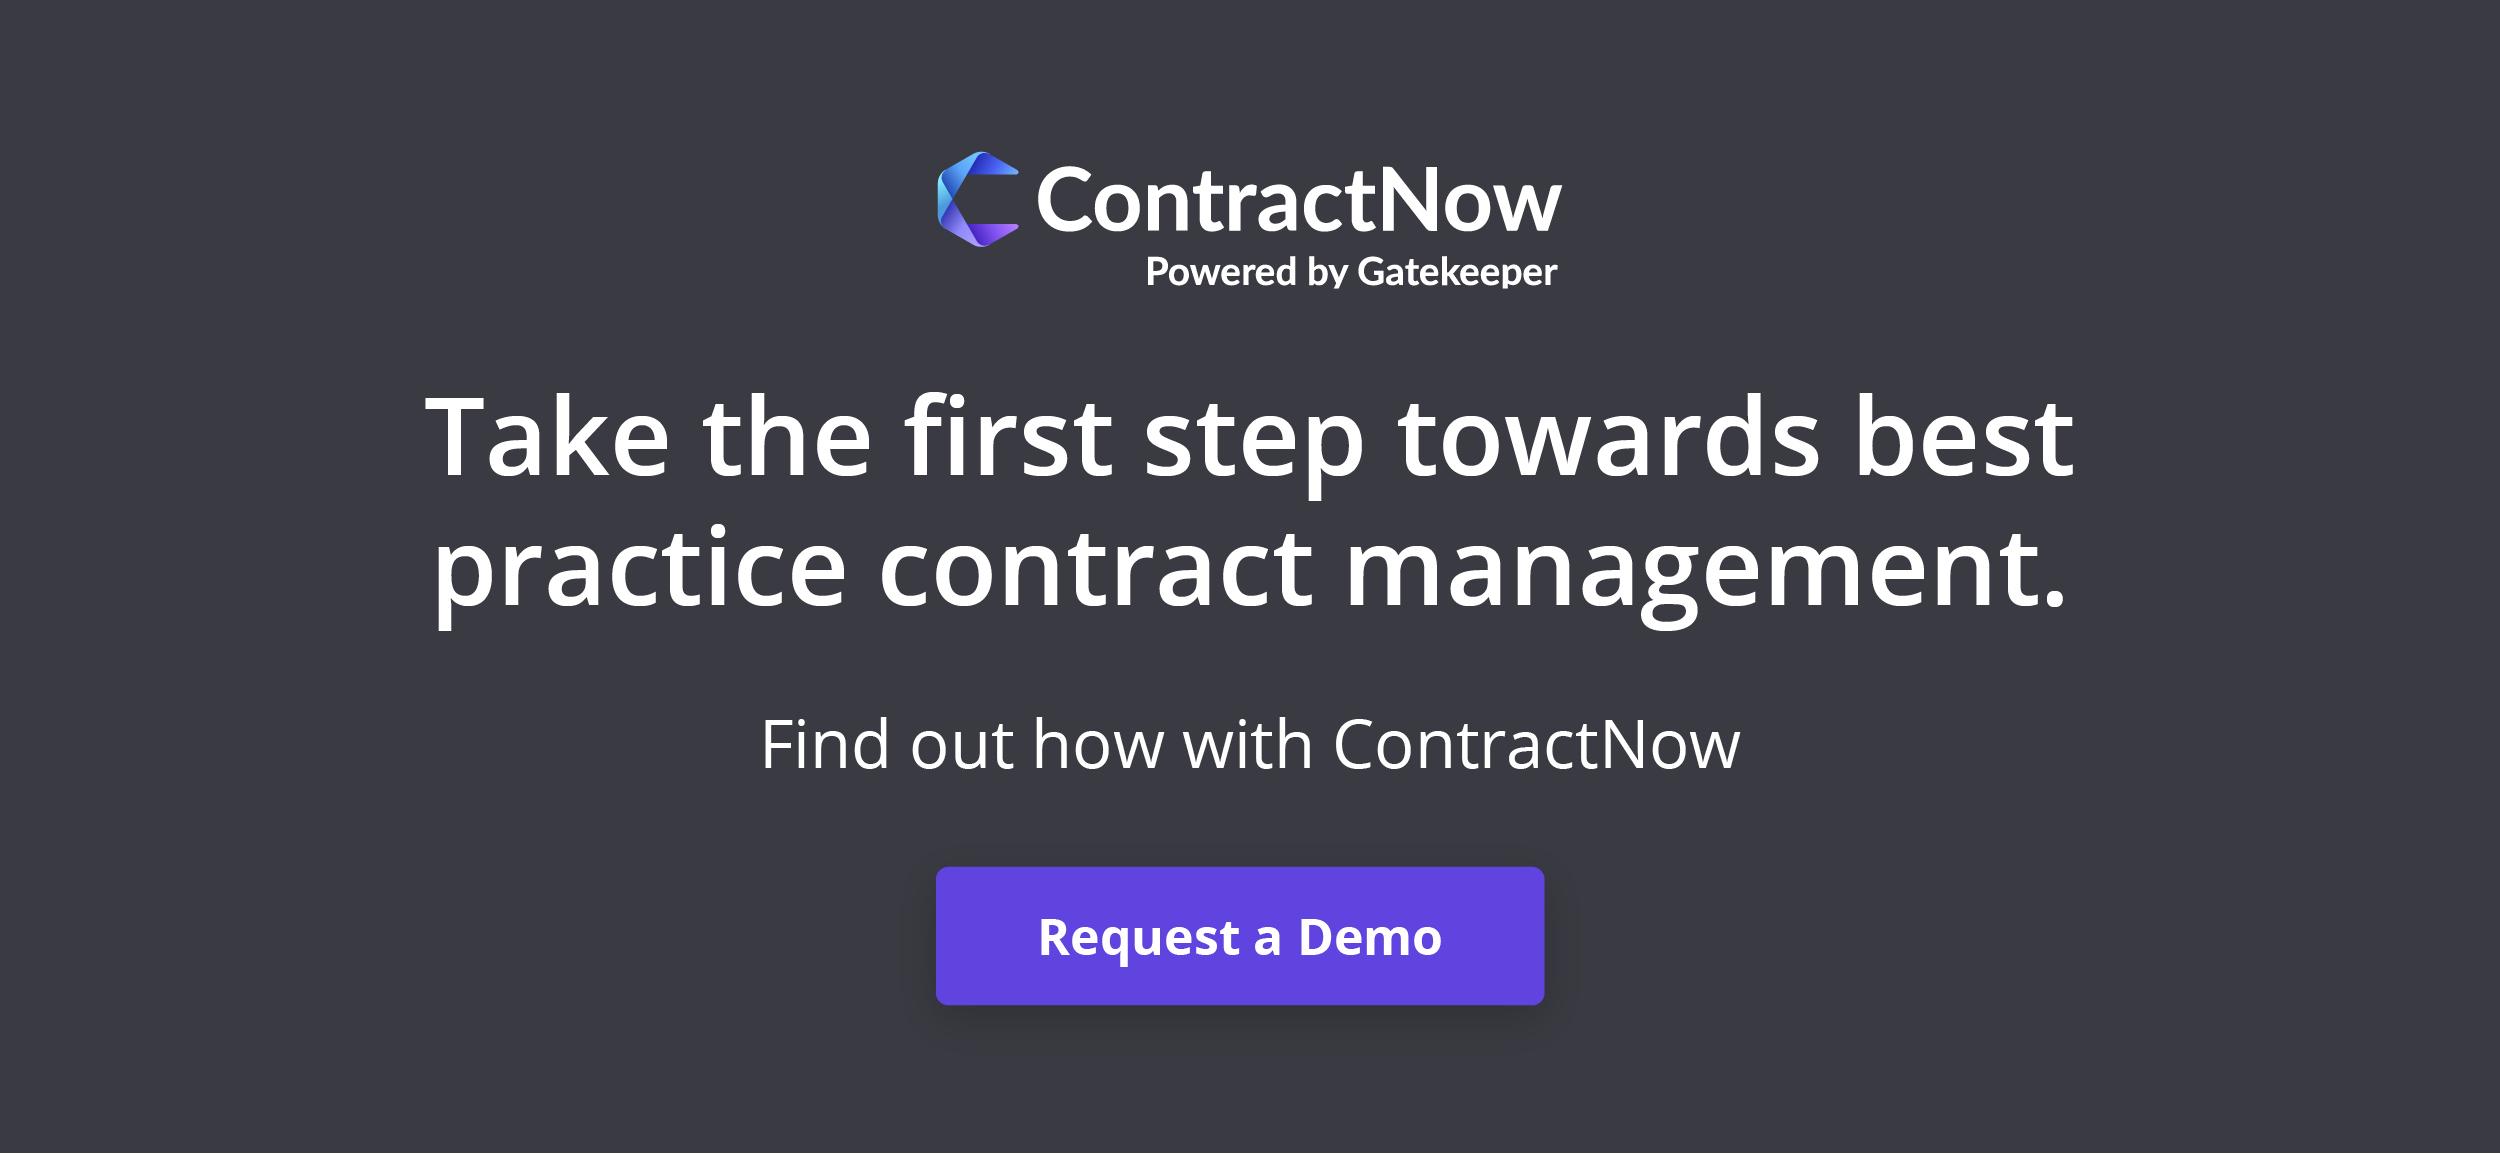 ContractNow_CTA_